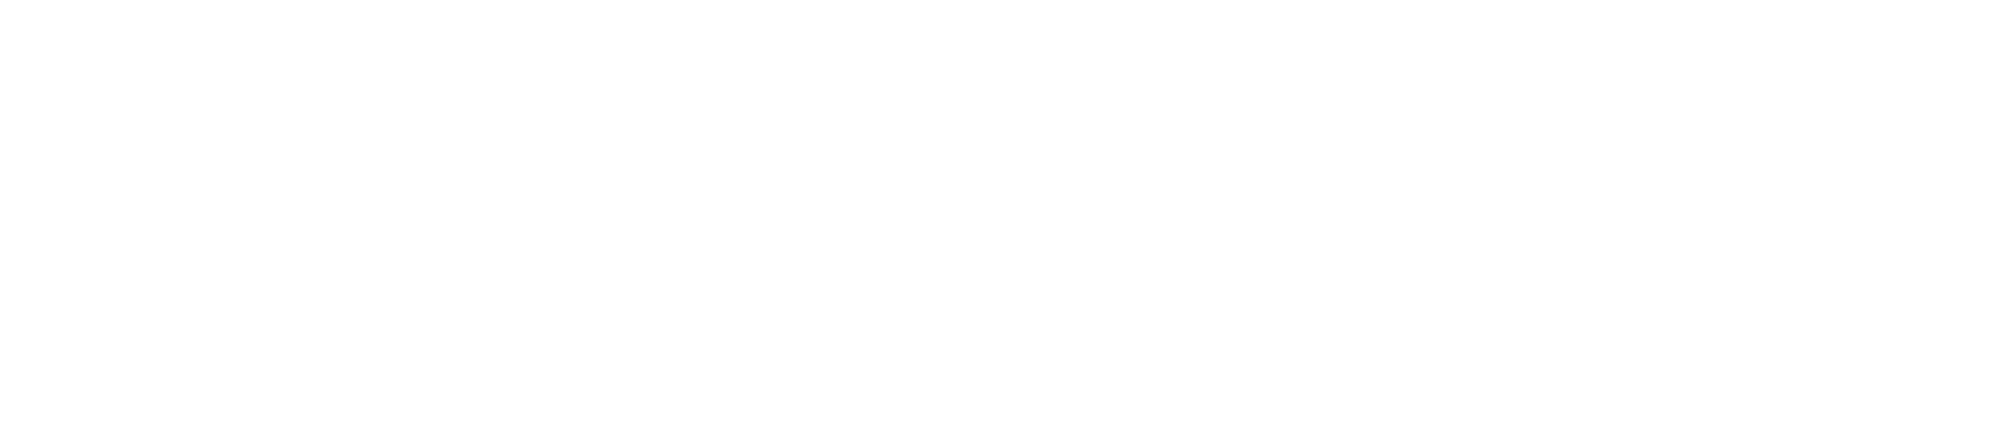 vit skugga